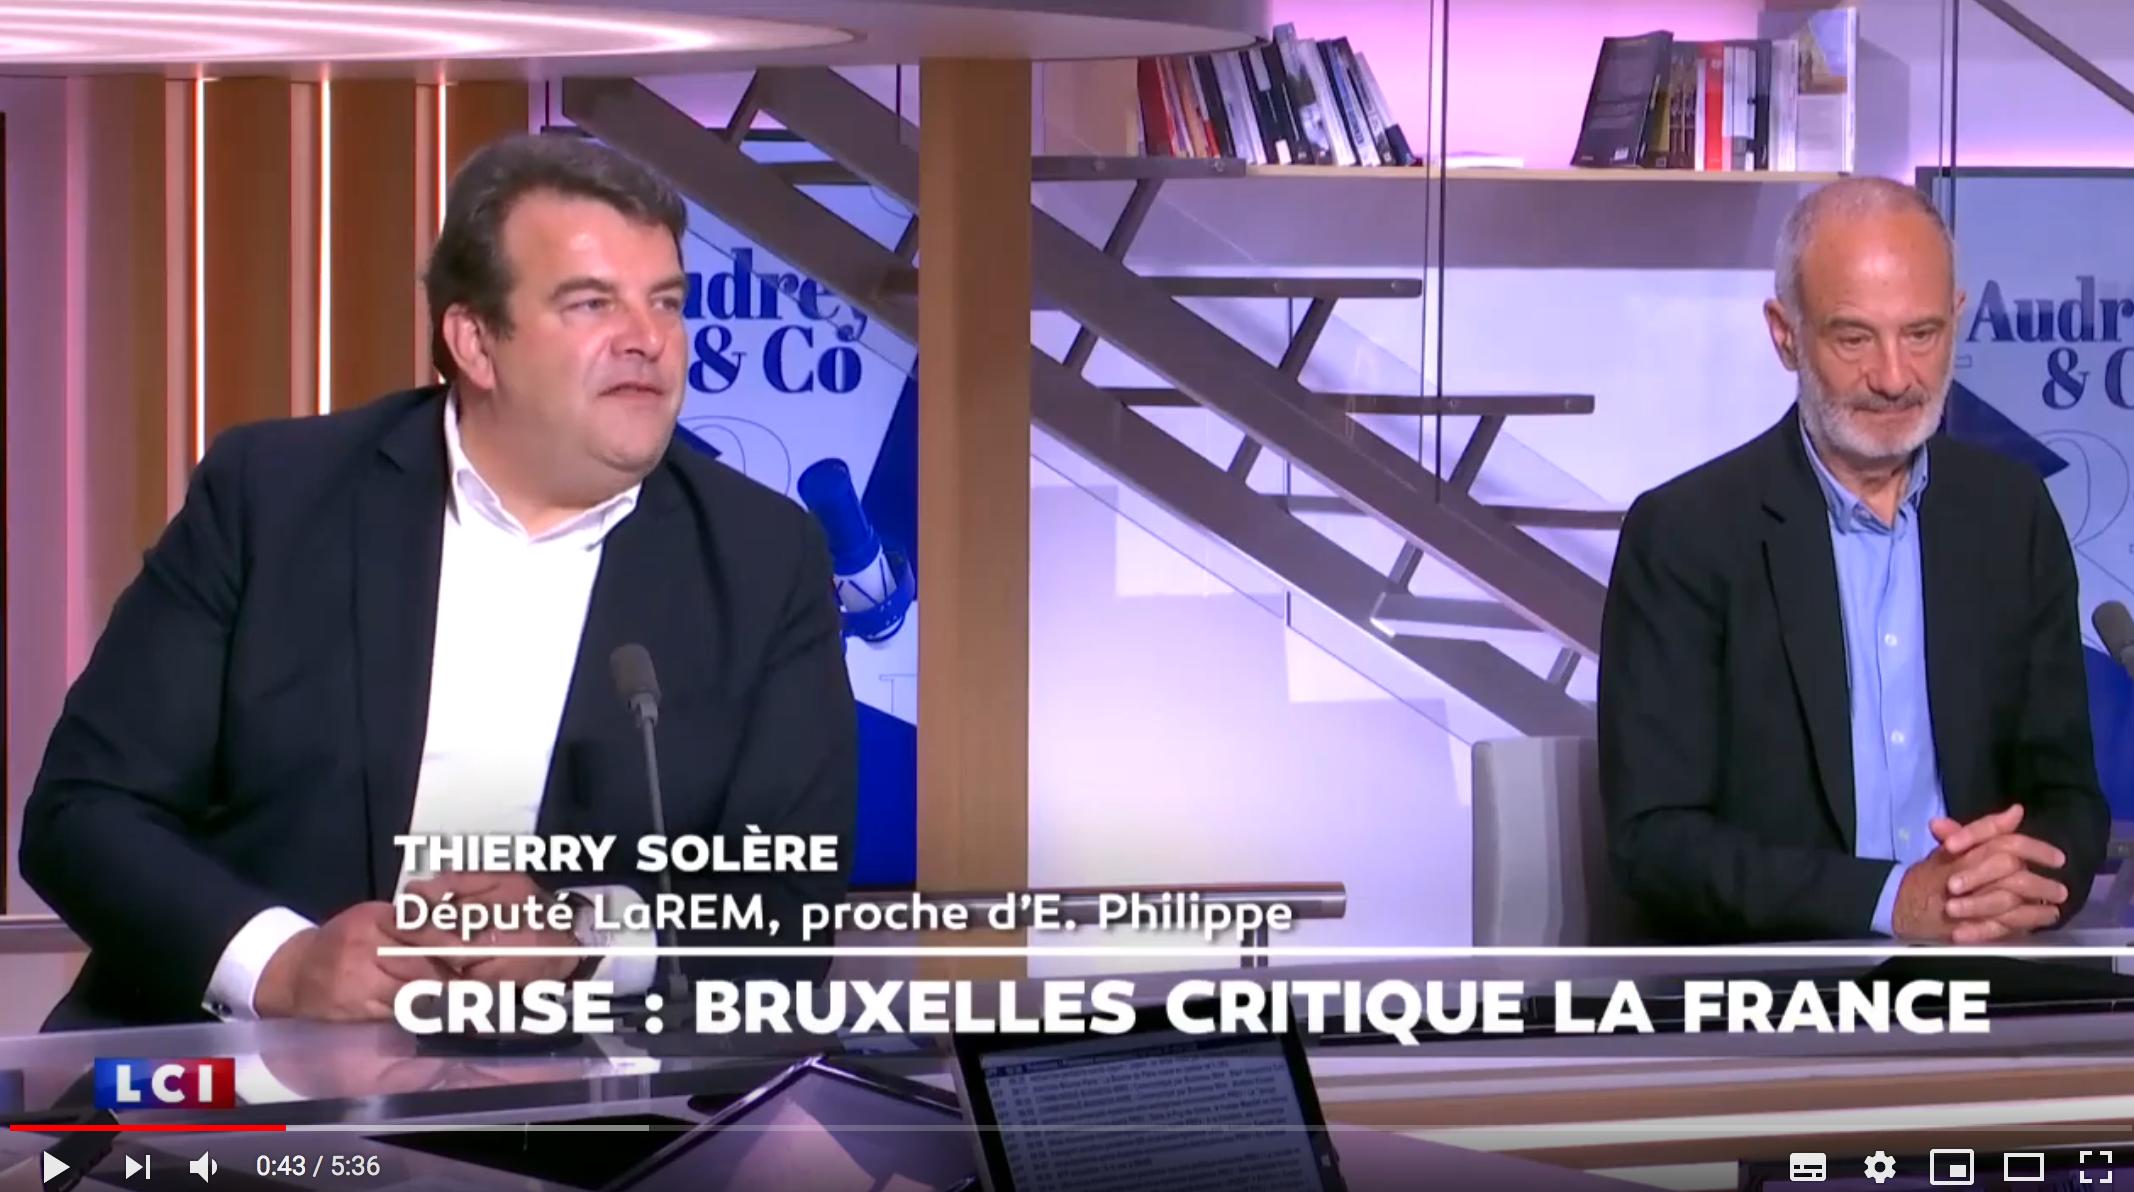 """Sébastien Chenu (RN) recadre Thierry Solère (LREM) : """"Vous êtes schizophrène, vous défendez encore l'UE"""" (VIDÉO)"""